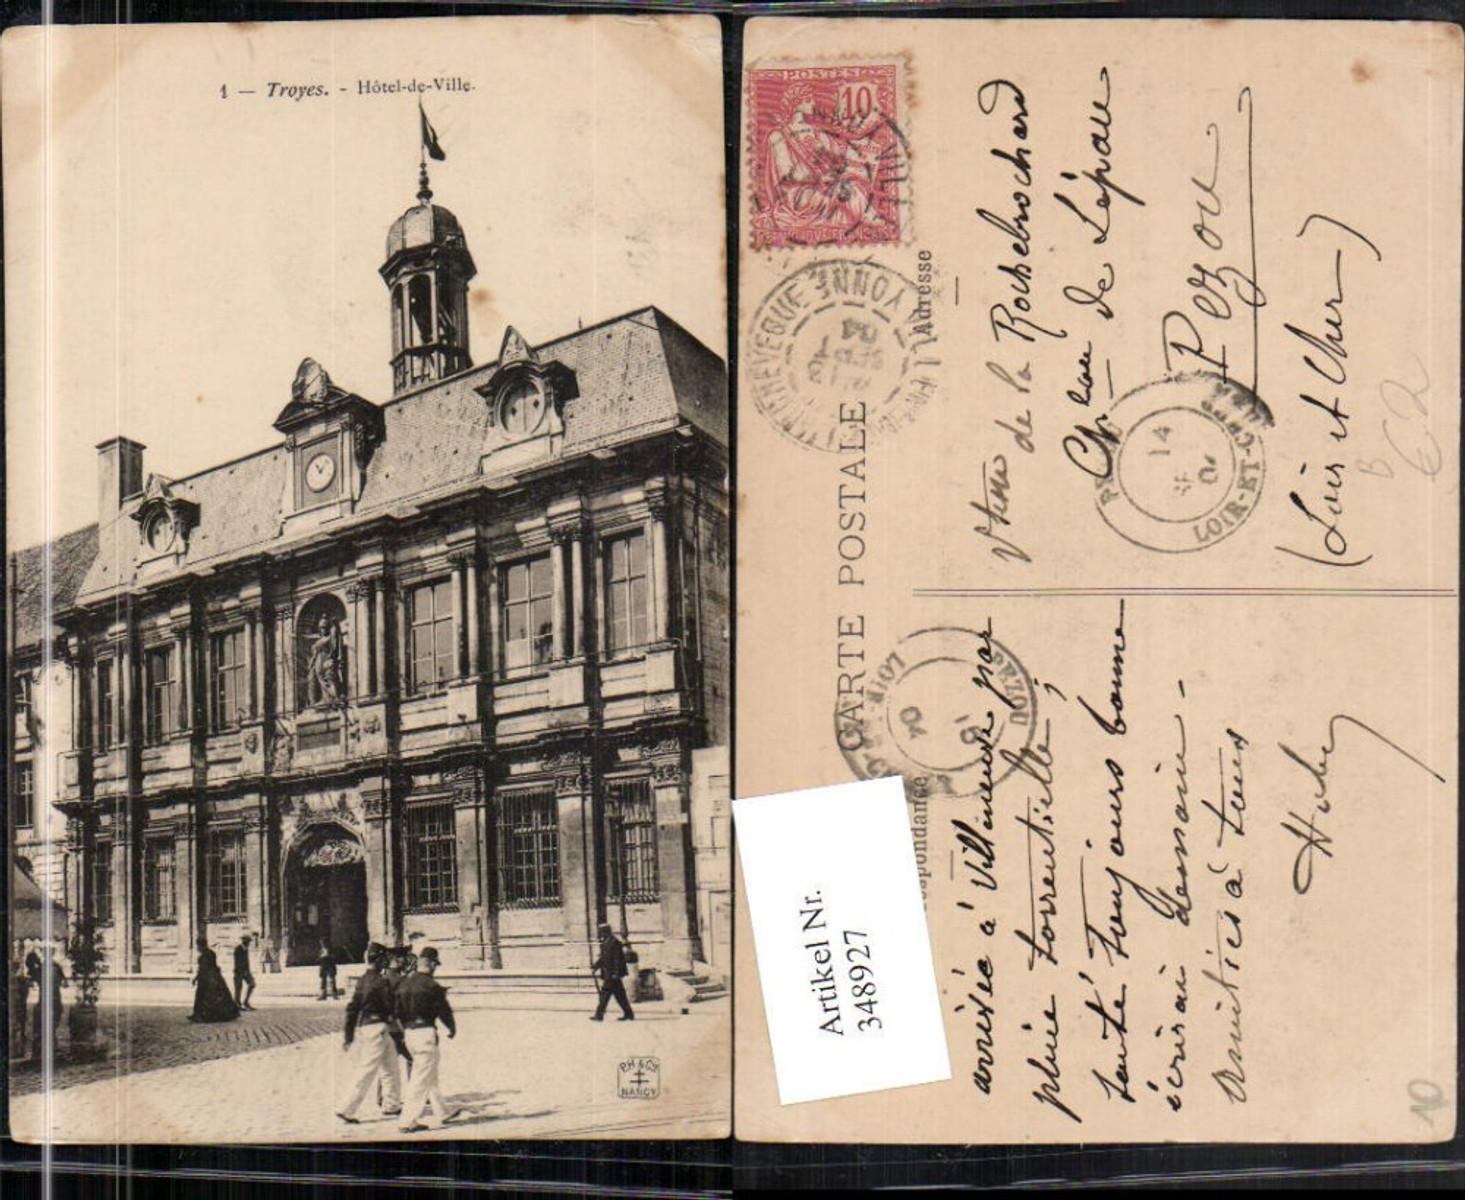 348927,Champagne-Ardenne Aube Troyes Hotel-de-Ville Rathaus günstig online kaufen